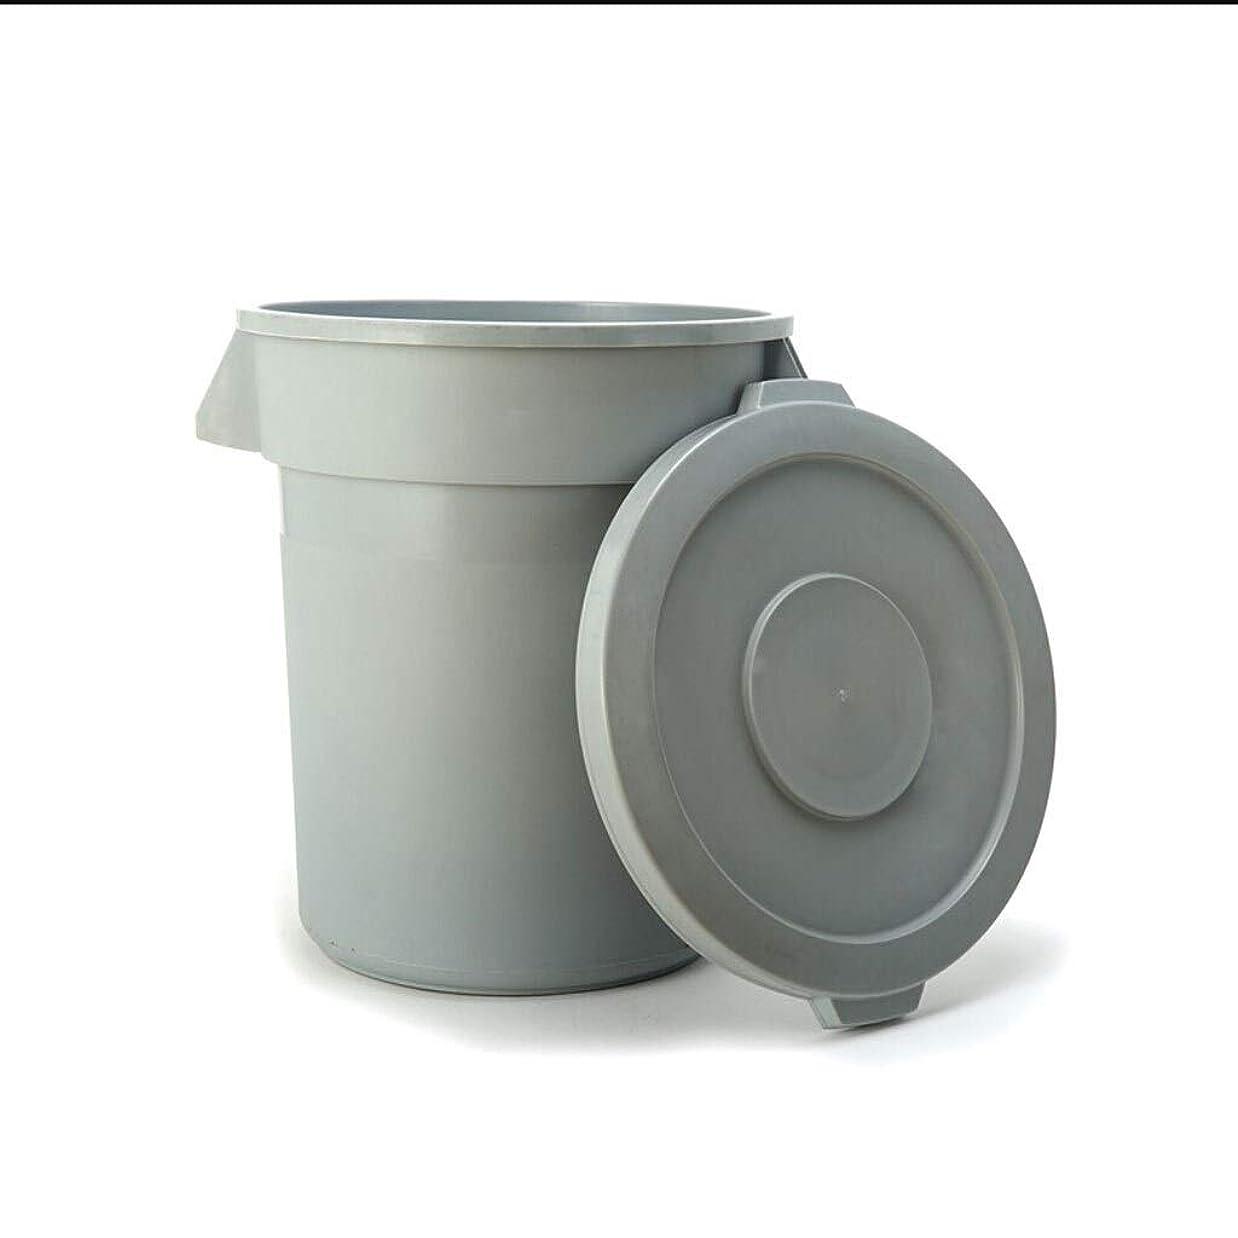 推論あいまいな吸う屋外ゴミ収納庫 大容量のプラスチック製ゴミ箱が付いているふた産業レストランの台所ゴミ水生輸送用バレル収納バケツ ごみ箱 (サイズ : 76L)